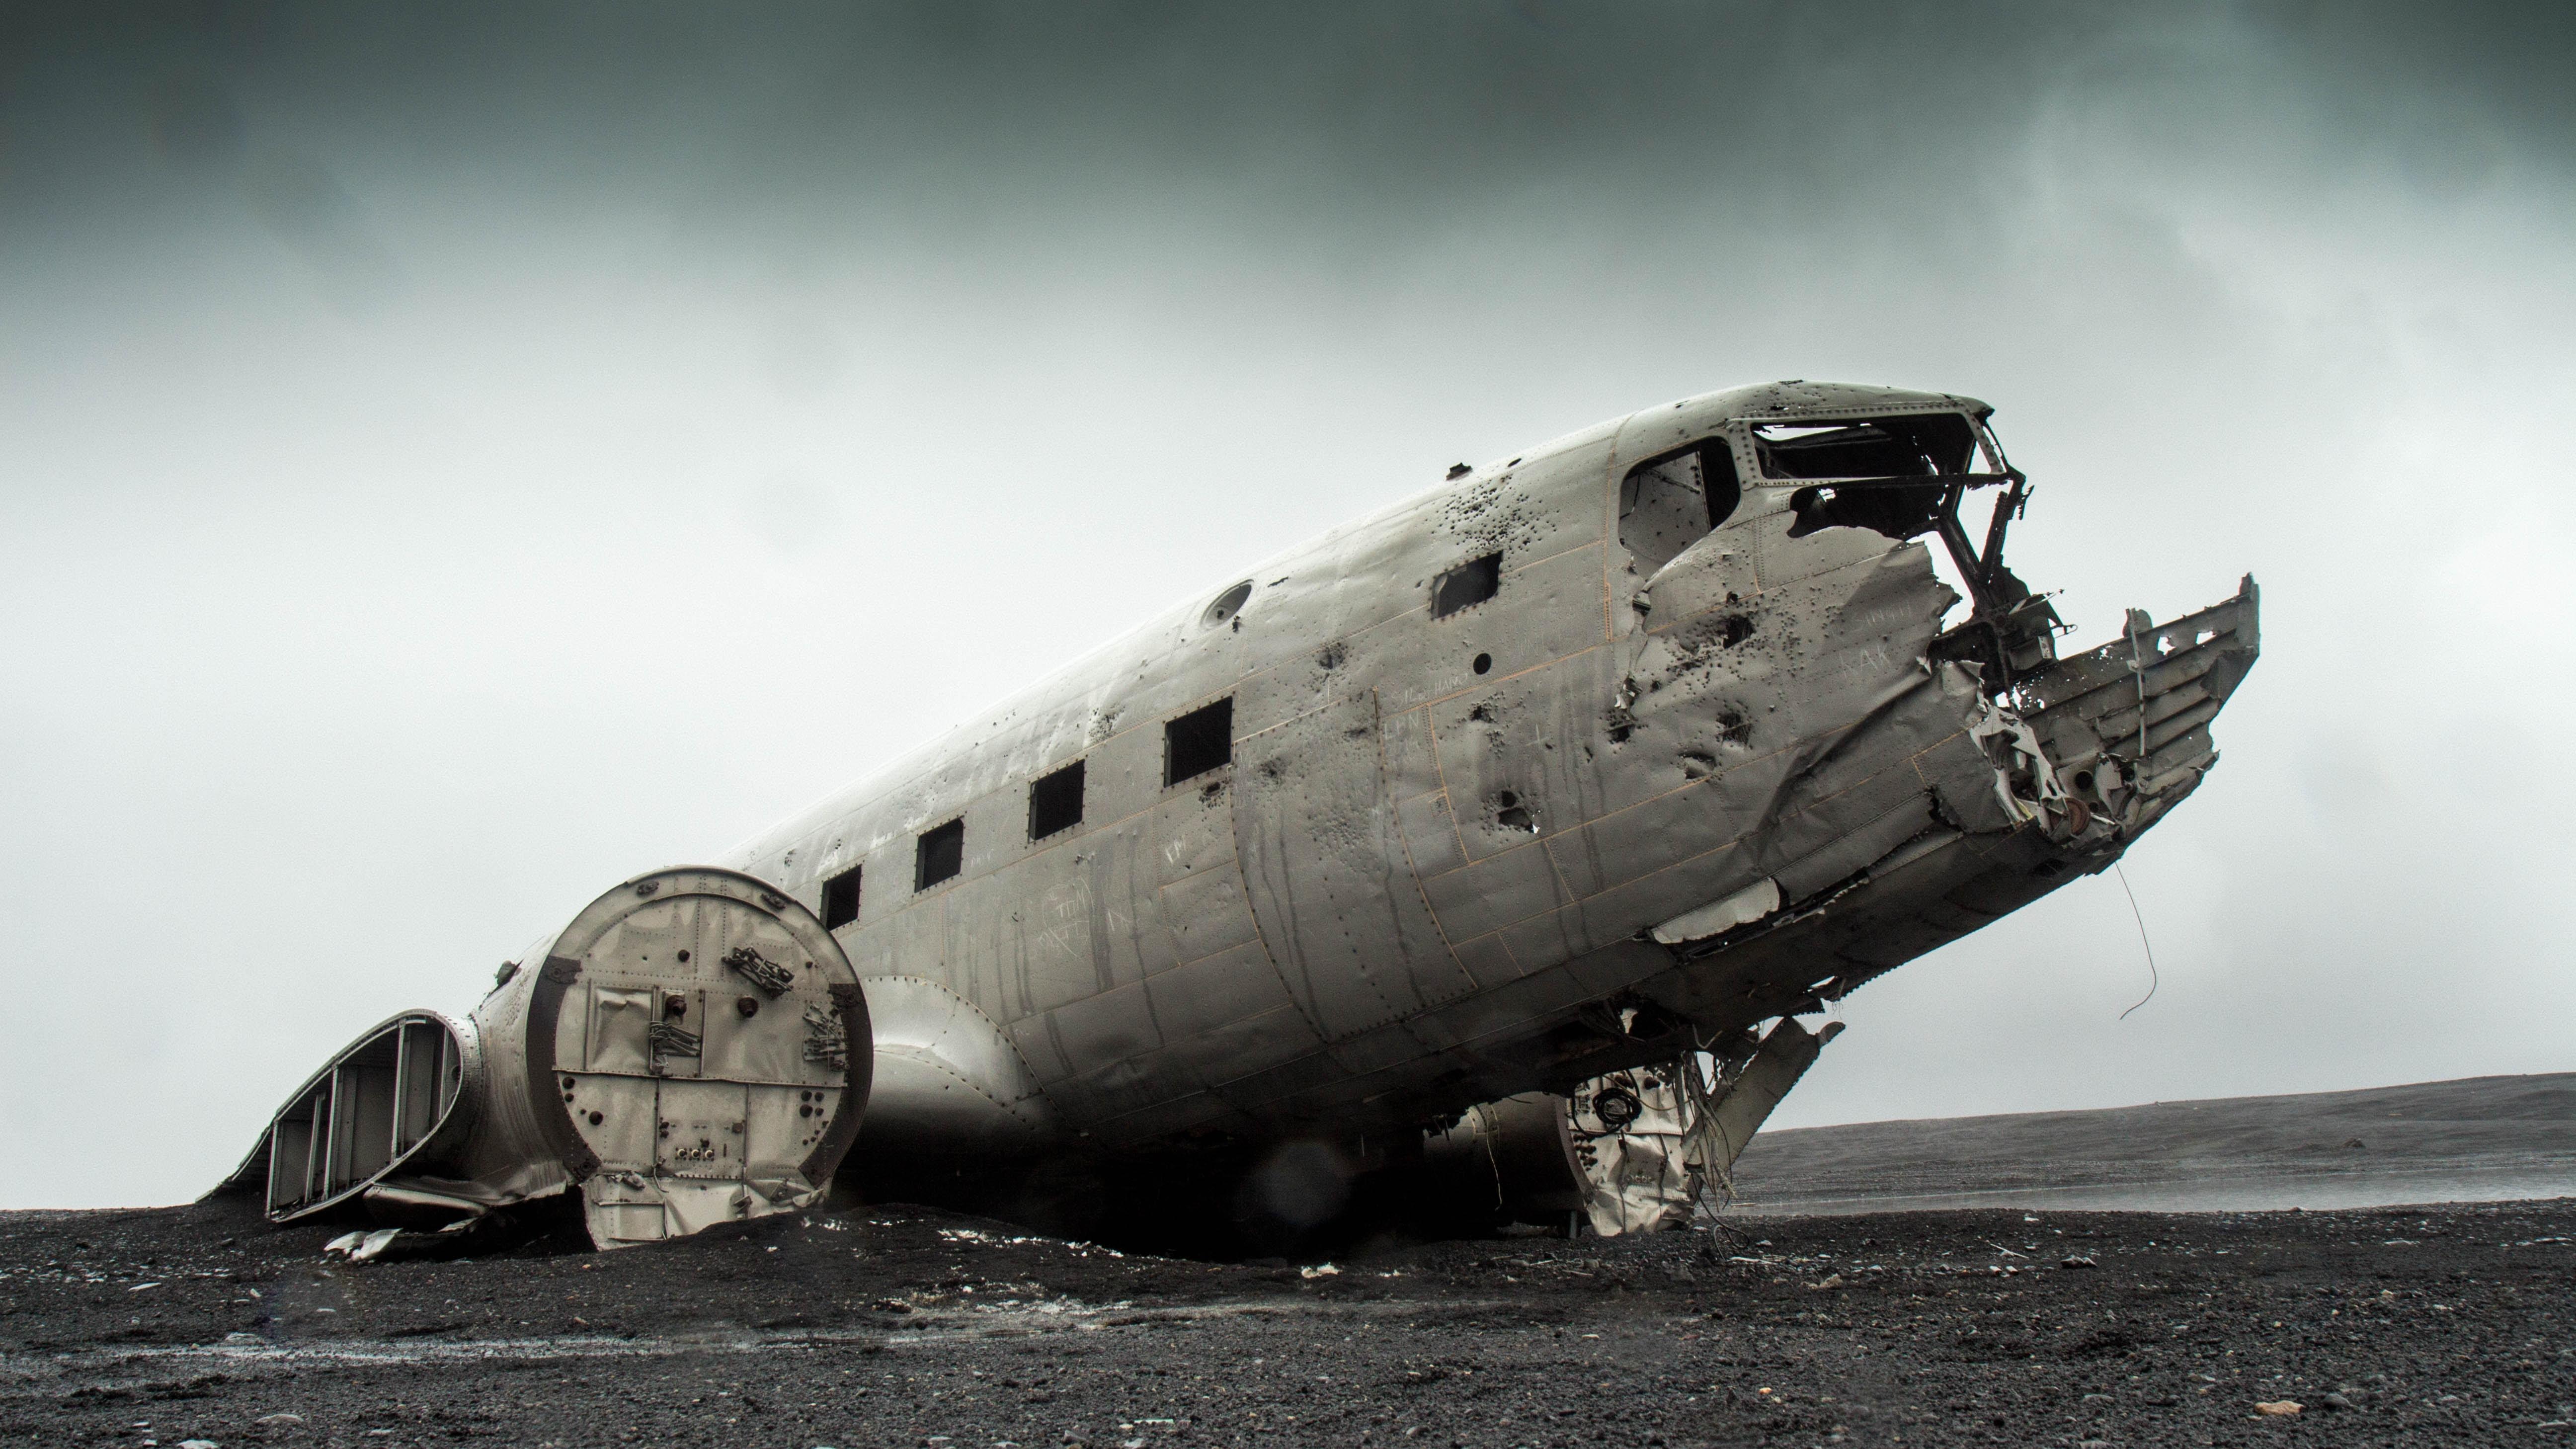 A broken, strange and crashed plane on a sandy floor